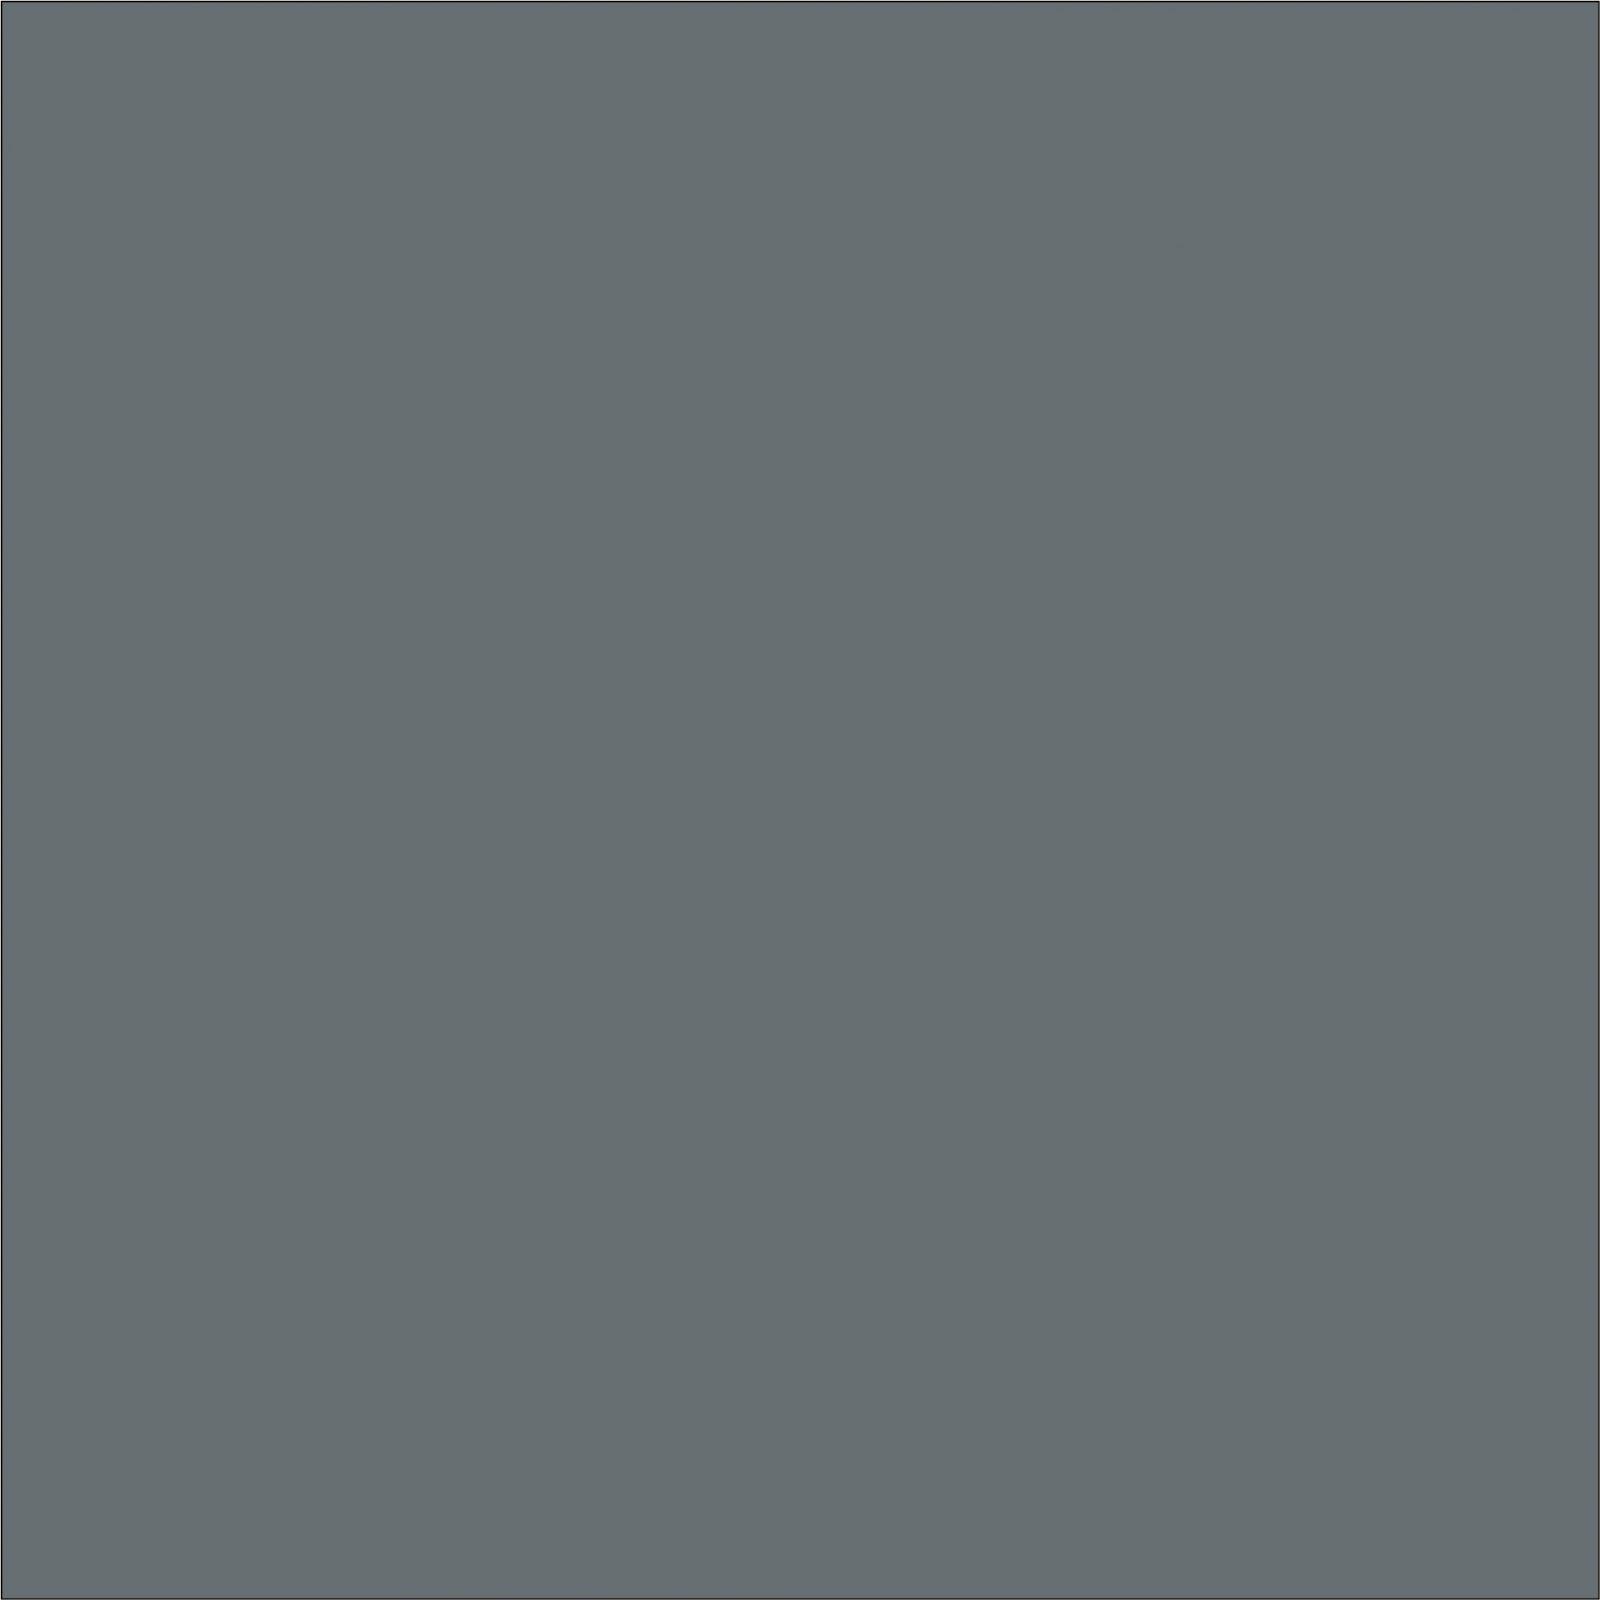 Dark Admiral Grey